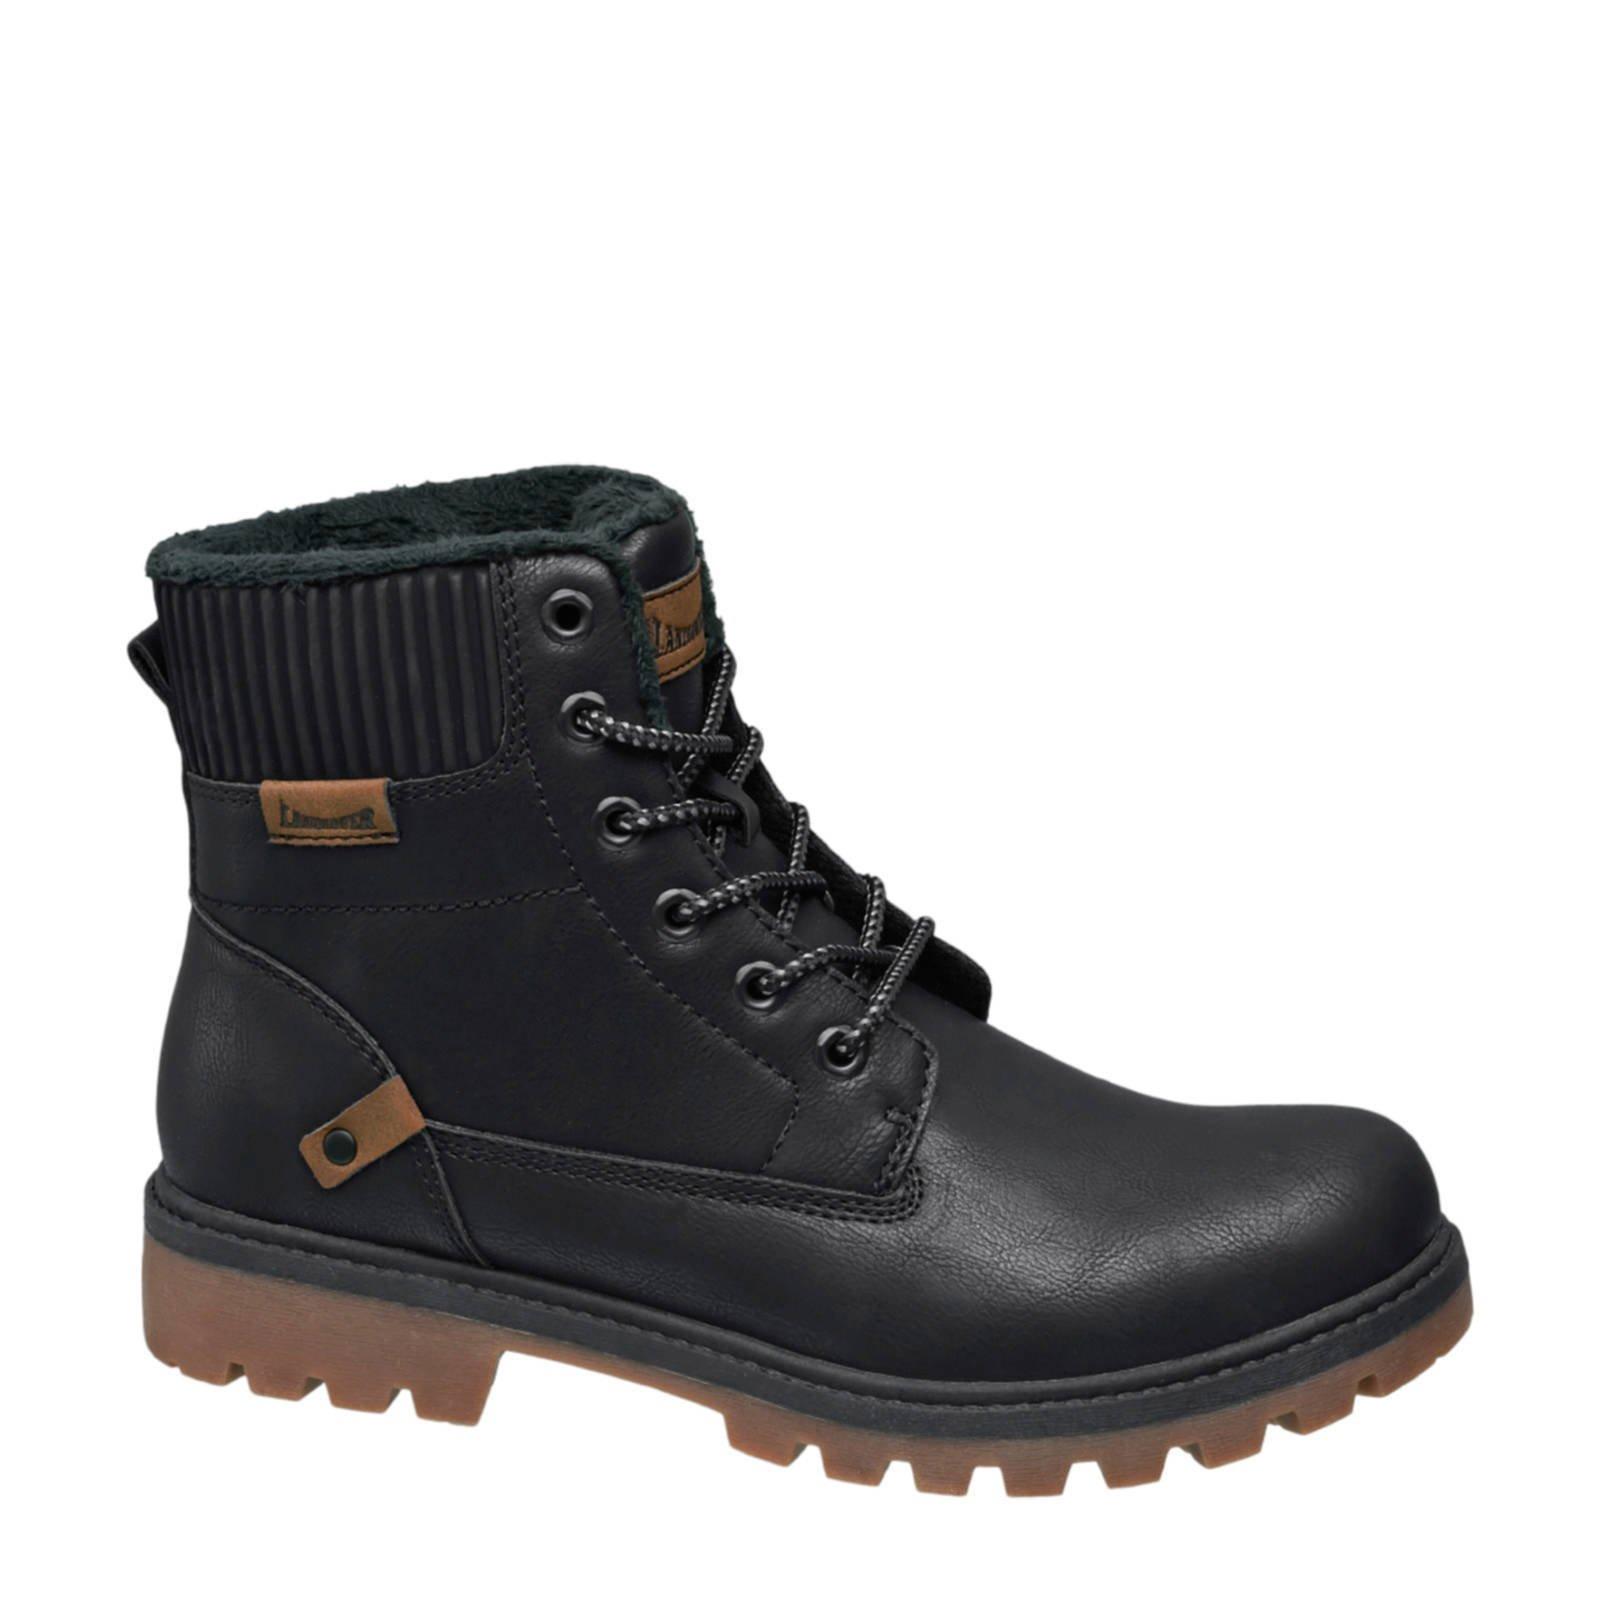 ce7352ca0f7 Heren schoenen bij wehkamp - Gratis bezorging vanaf 20.-